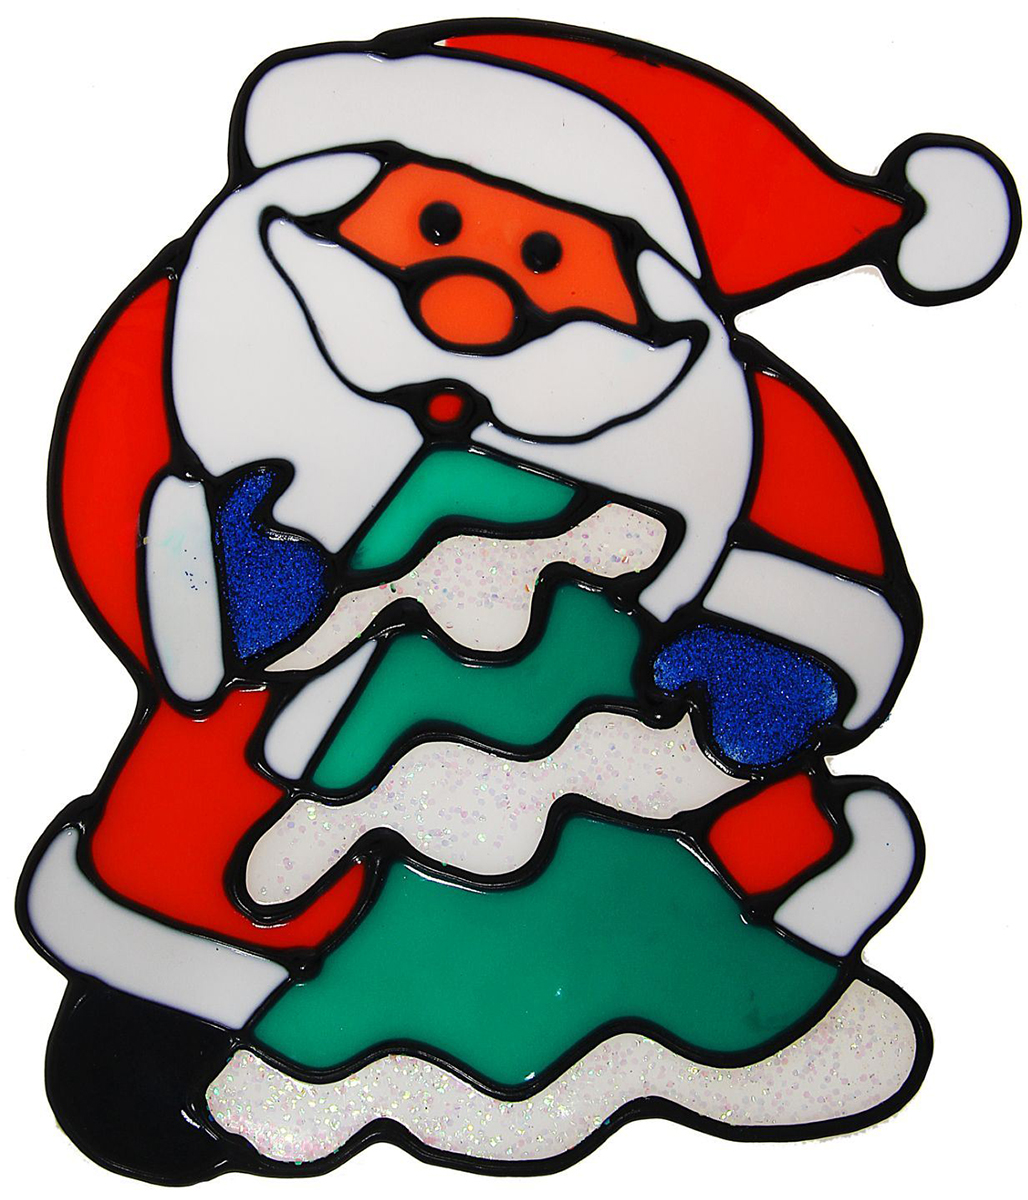 Украшение новогоднее оконное NoName Дед Мороз с елкой, 12 х 15,5 см1113572Новогоднее оконное украшение NoName Дед Мороз с елкой поможет украсить дом к предстоящим праздникам. Яркая наклейка крепится к гладкой поверхности стекла посредством статического эффекта. С помощью такого украшения вы сможете оживить интерьер по своему вкусу.Новогодние украшения всегда несут в себе волшебство и красоту праздника. Создайте в своем доме атмосферу тепла, веселья и радости, украшая его всей семьей.